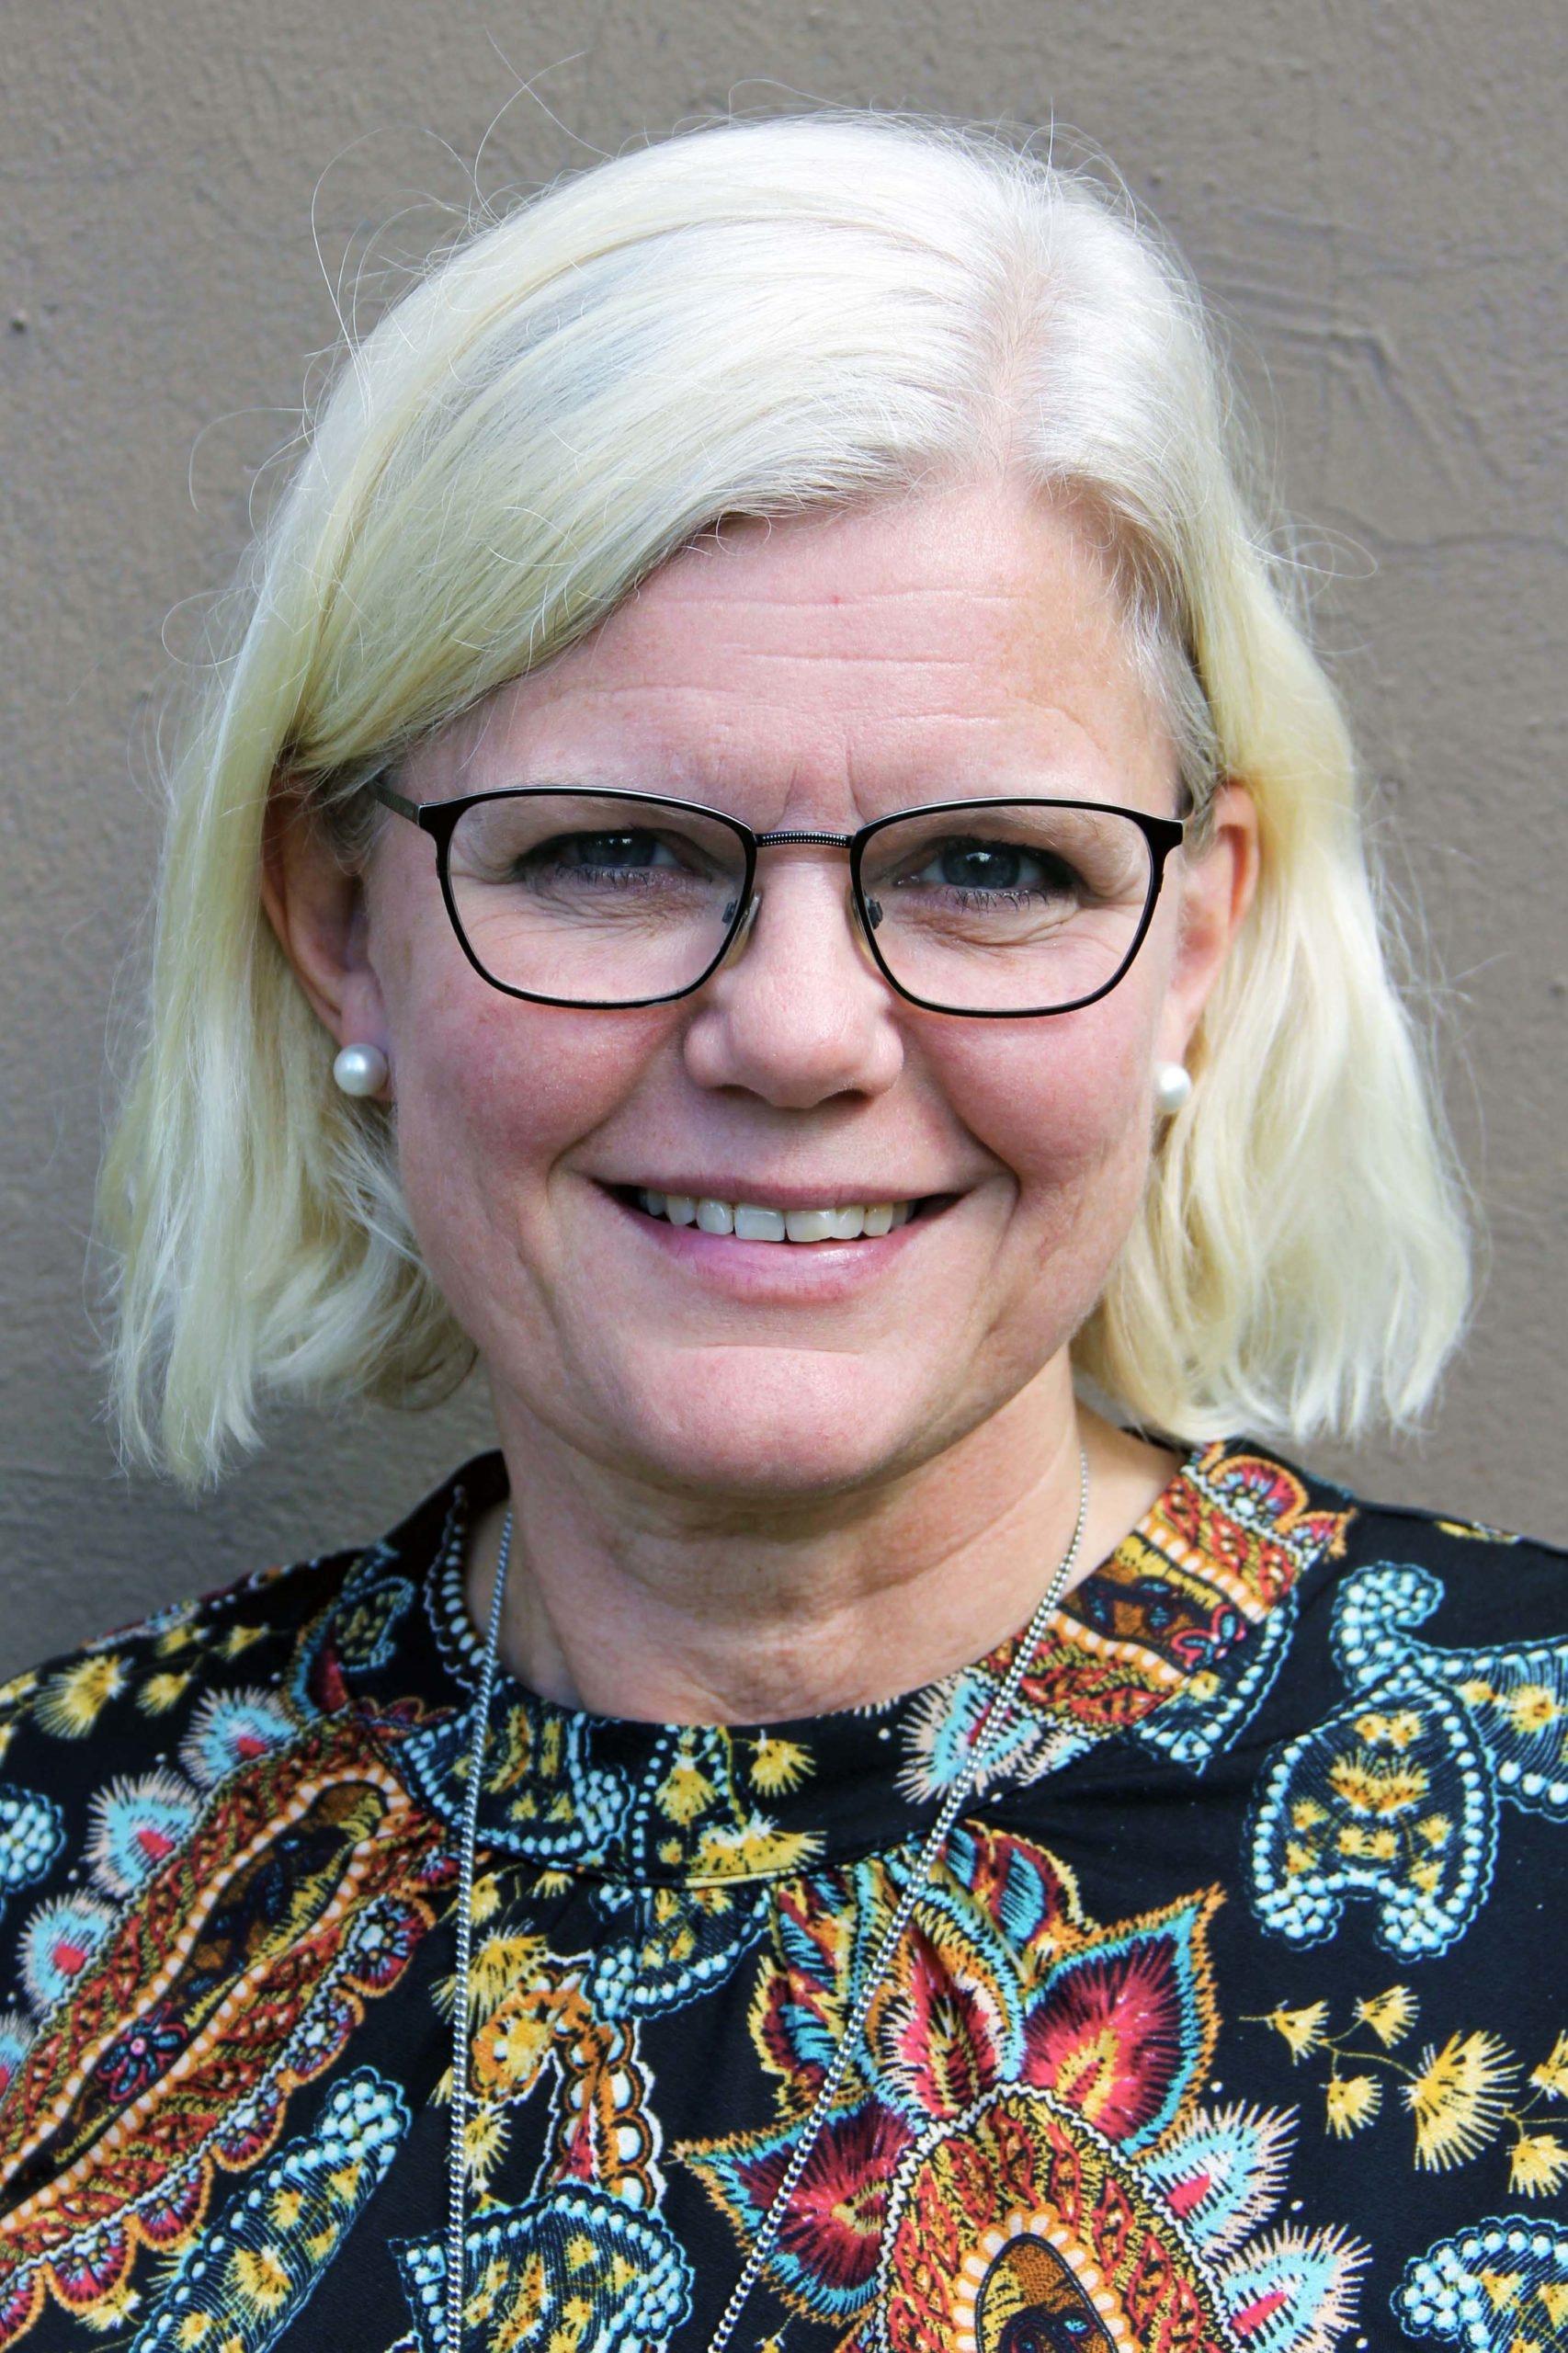 Cecilia Hjorth Attefall